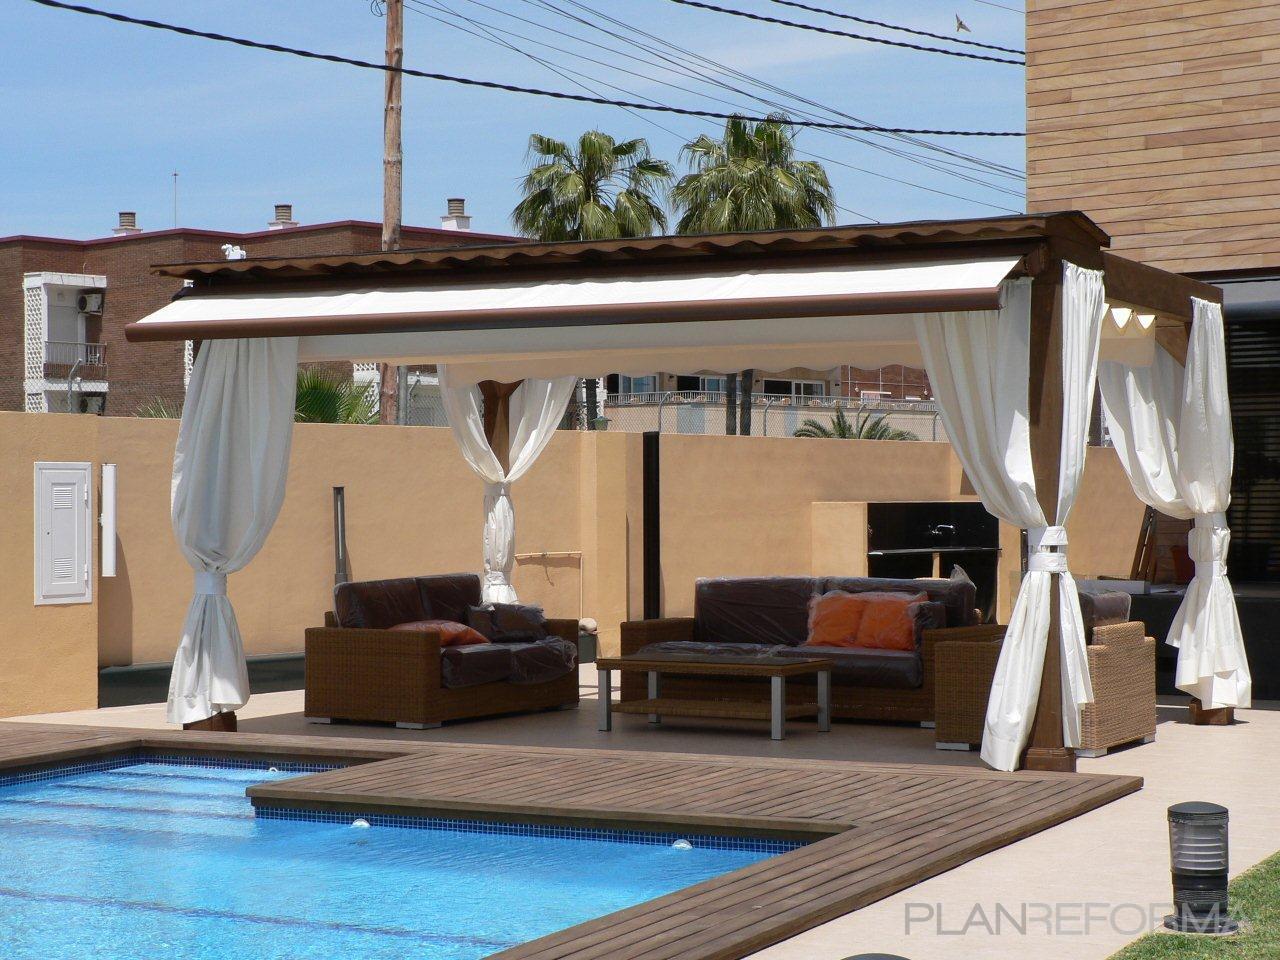 Terraza piscina exterior estilo moderno color marron - Terrazas con pergolas ...